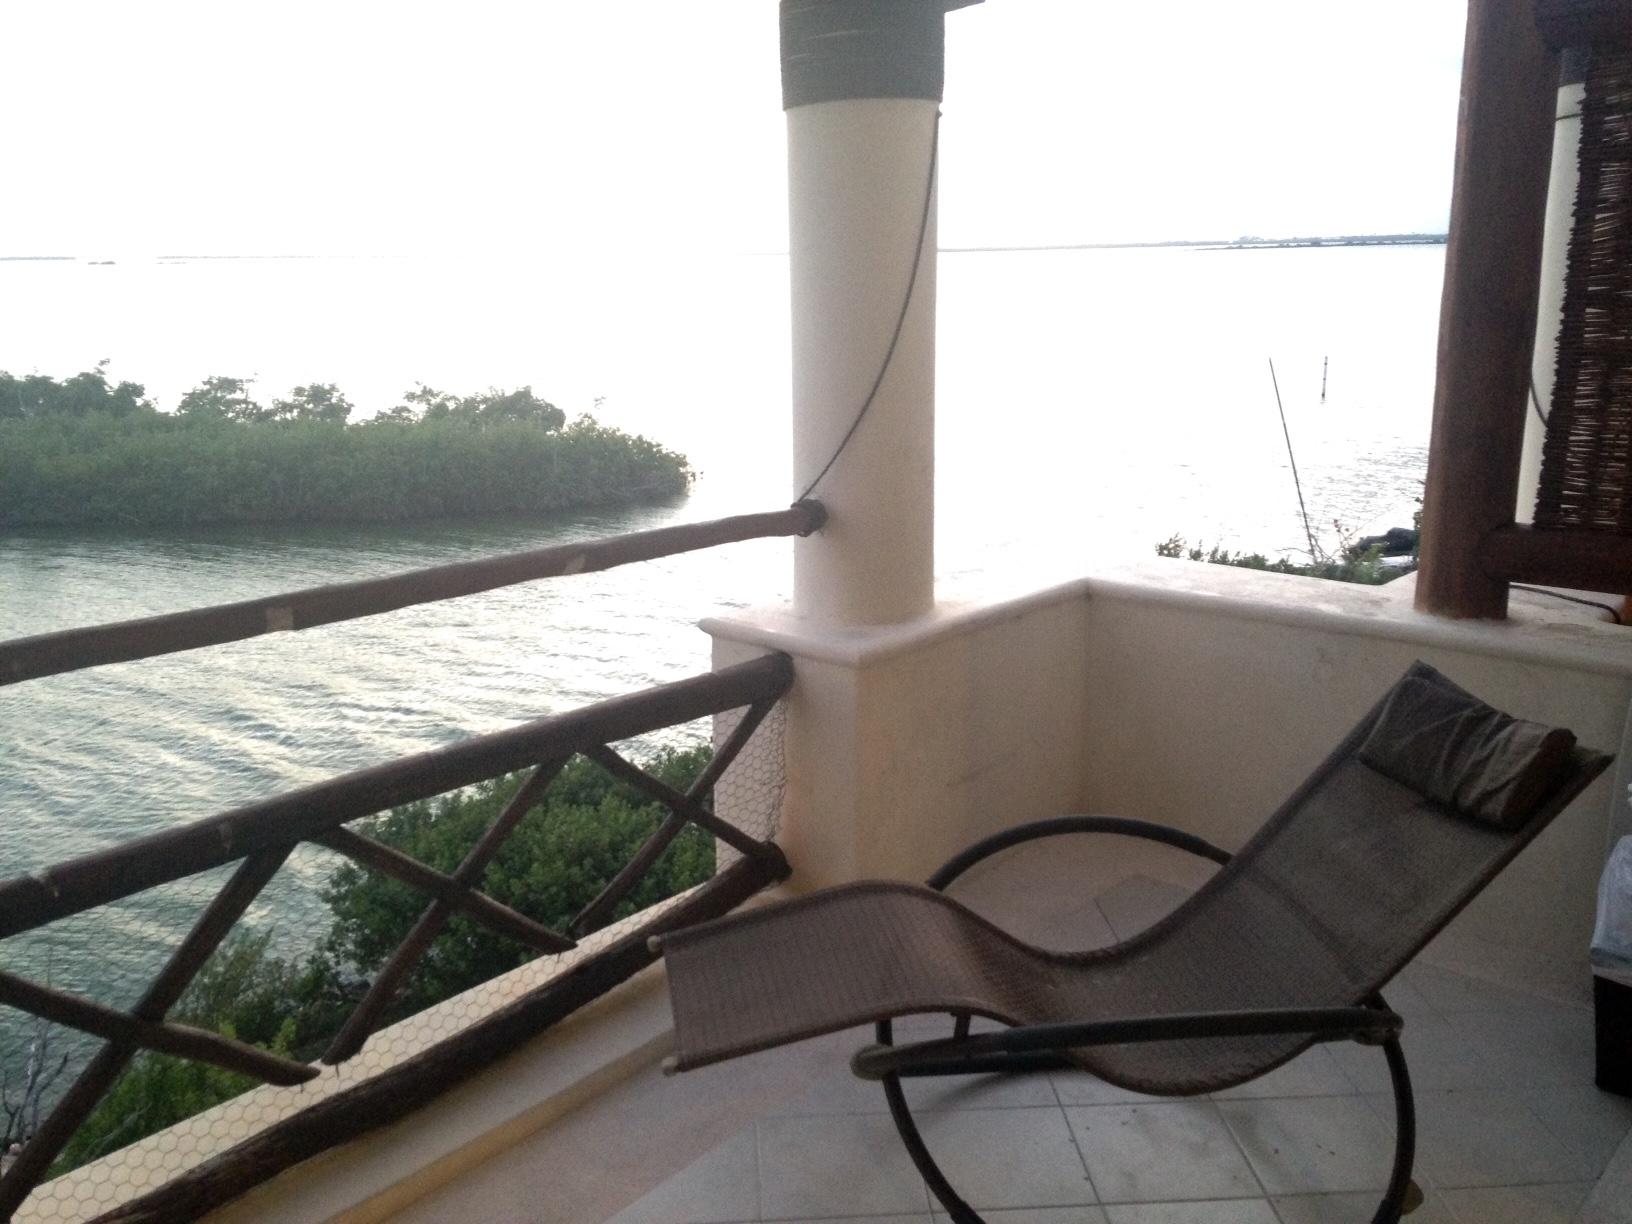 Departamento en venta 2 recamaras SIN MUEBLES Pok ta Pok Zona Hotelera Cancun